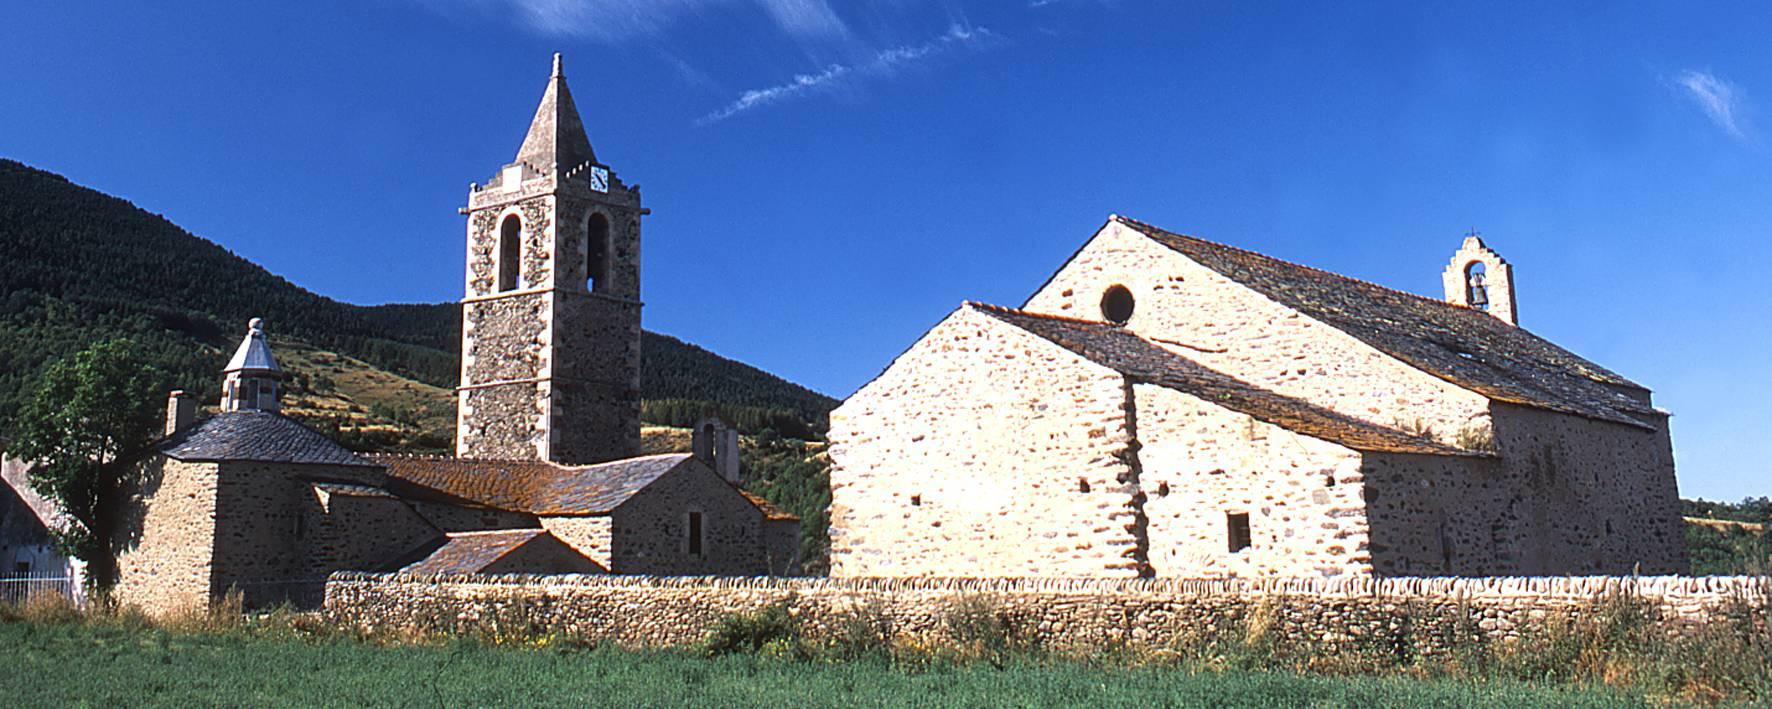 Église et chapelle d'Err © F. Berlic